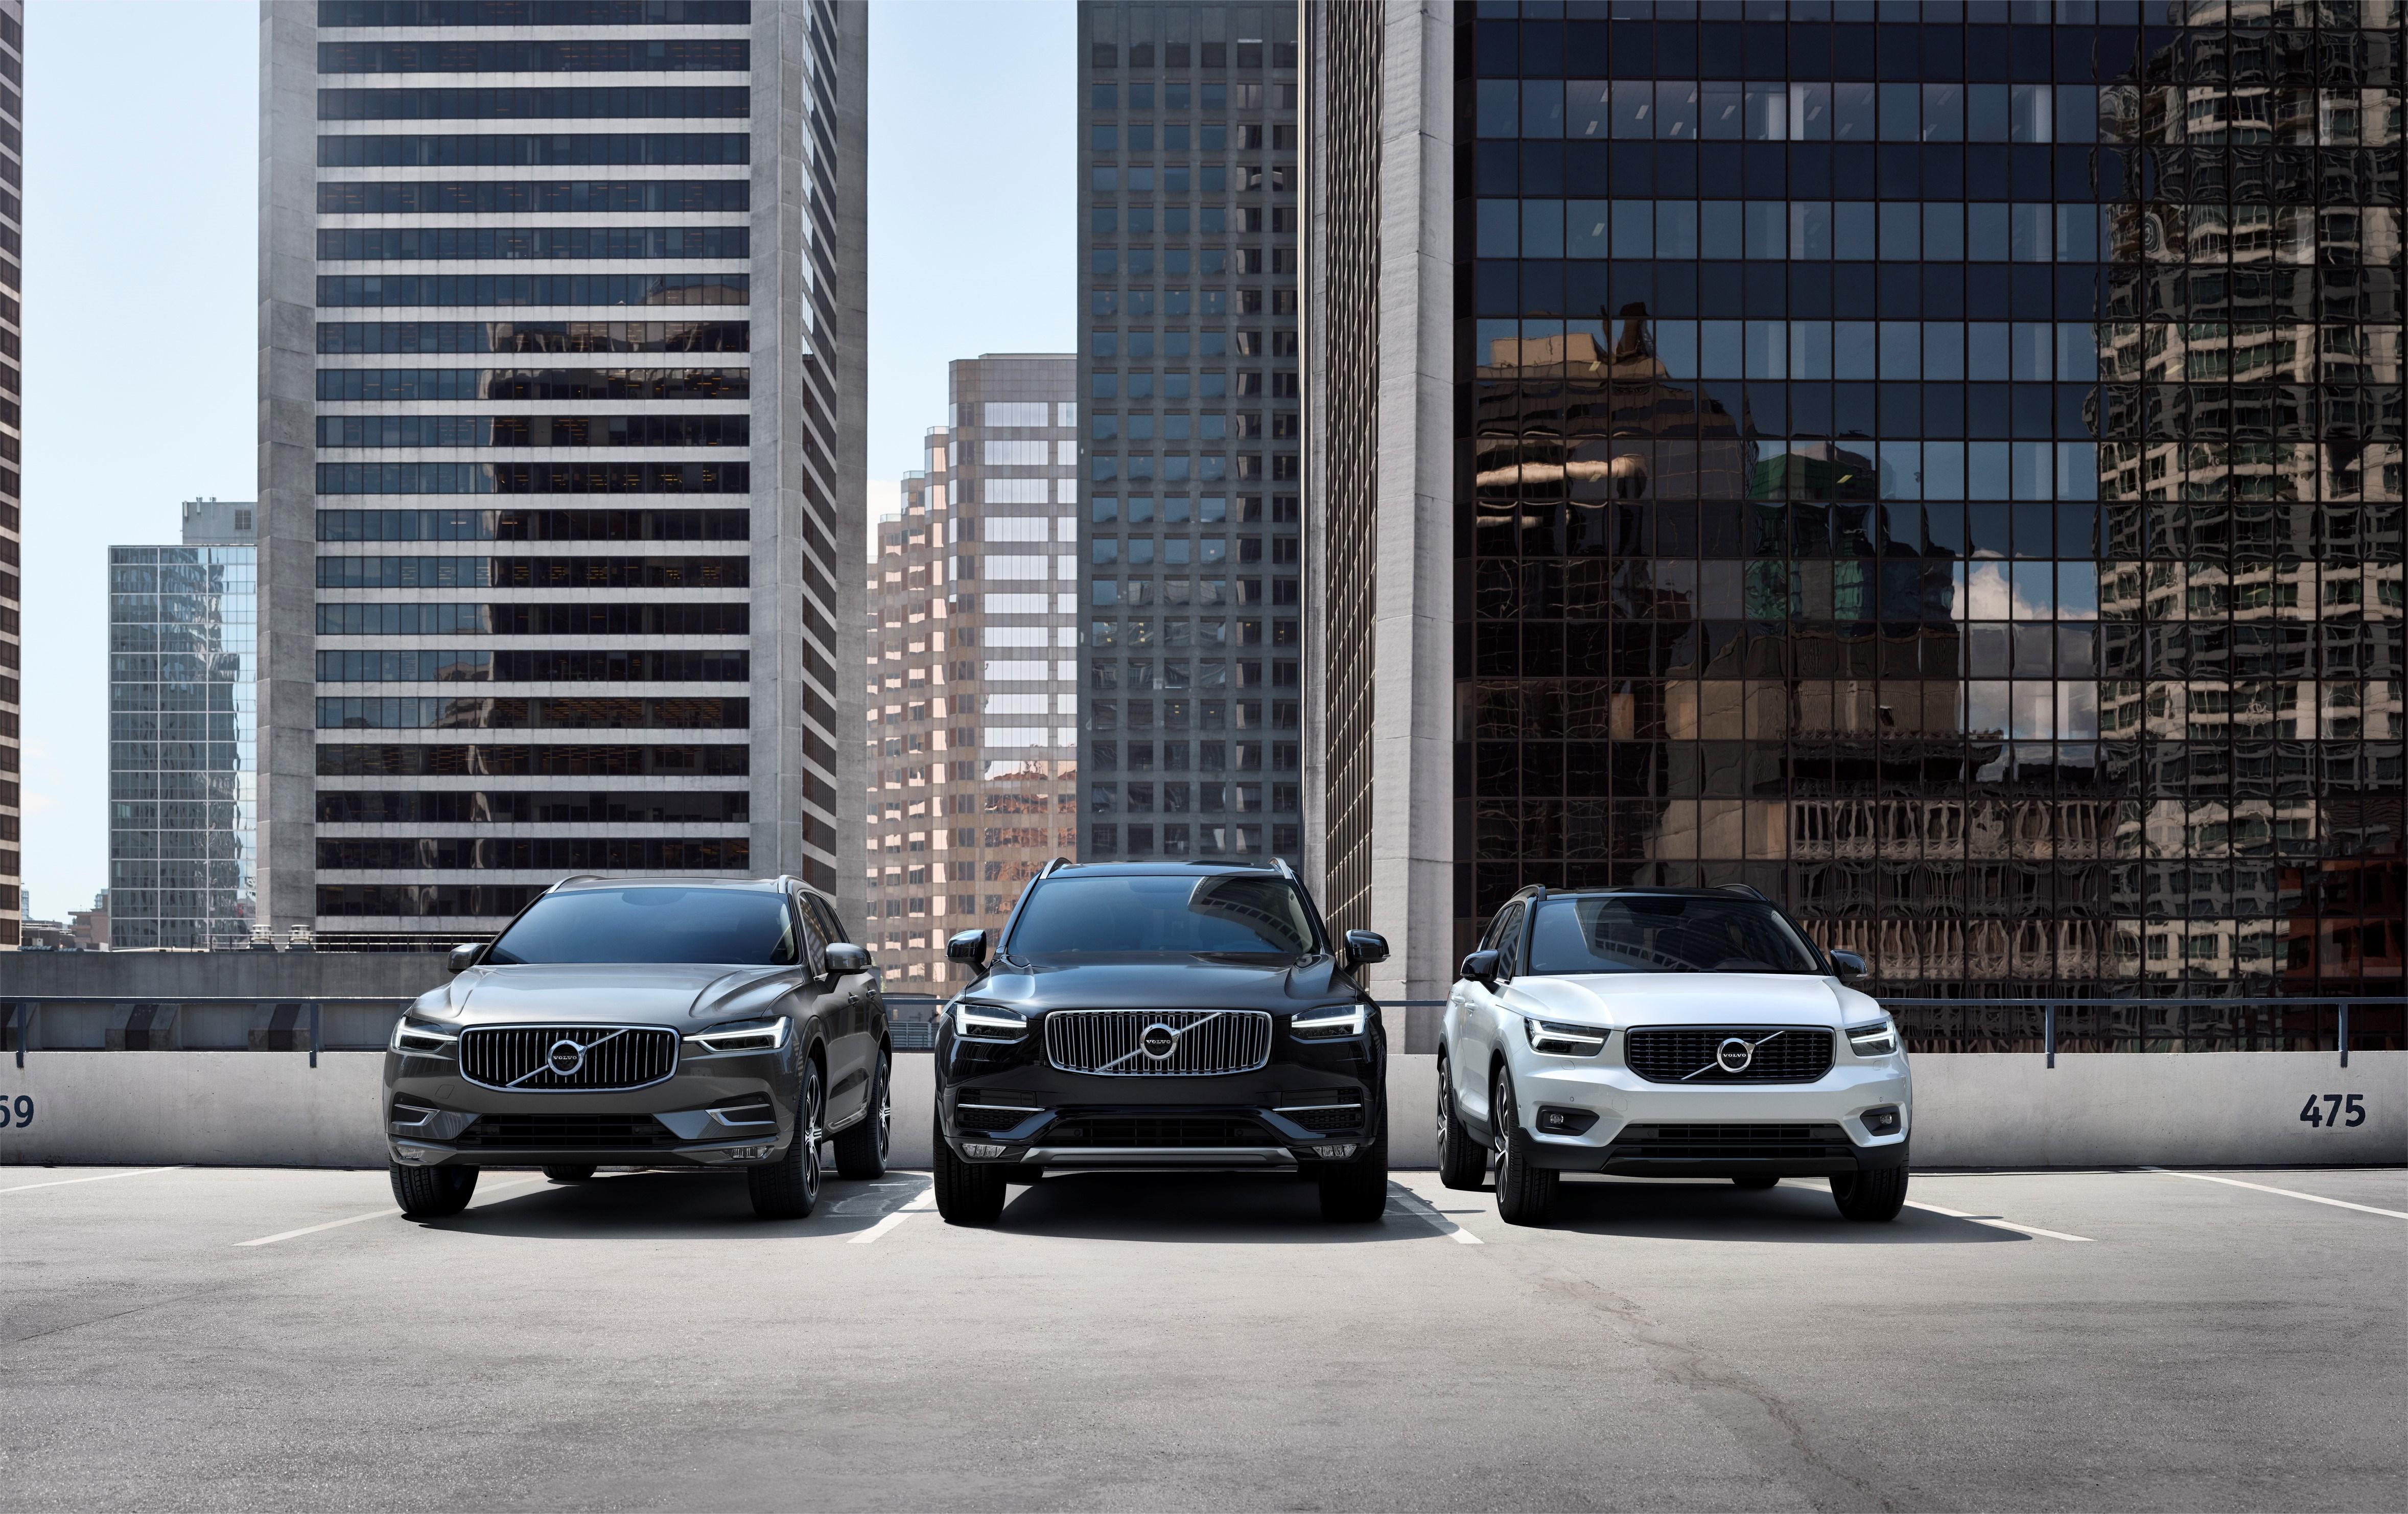 沃尔沃汽车集团公布2017年财报全年营业利润达141亿瑞典克朗